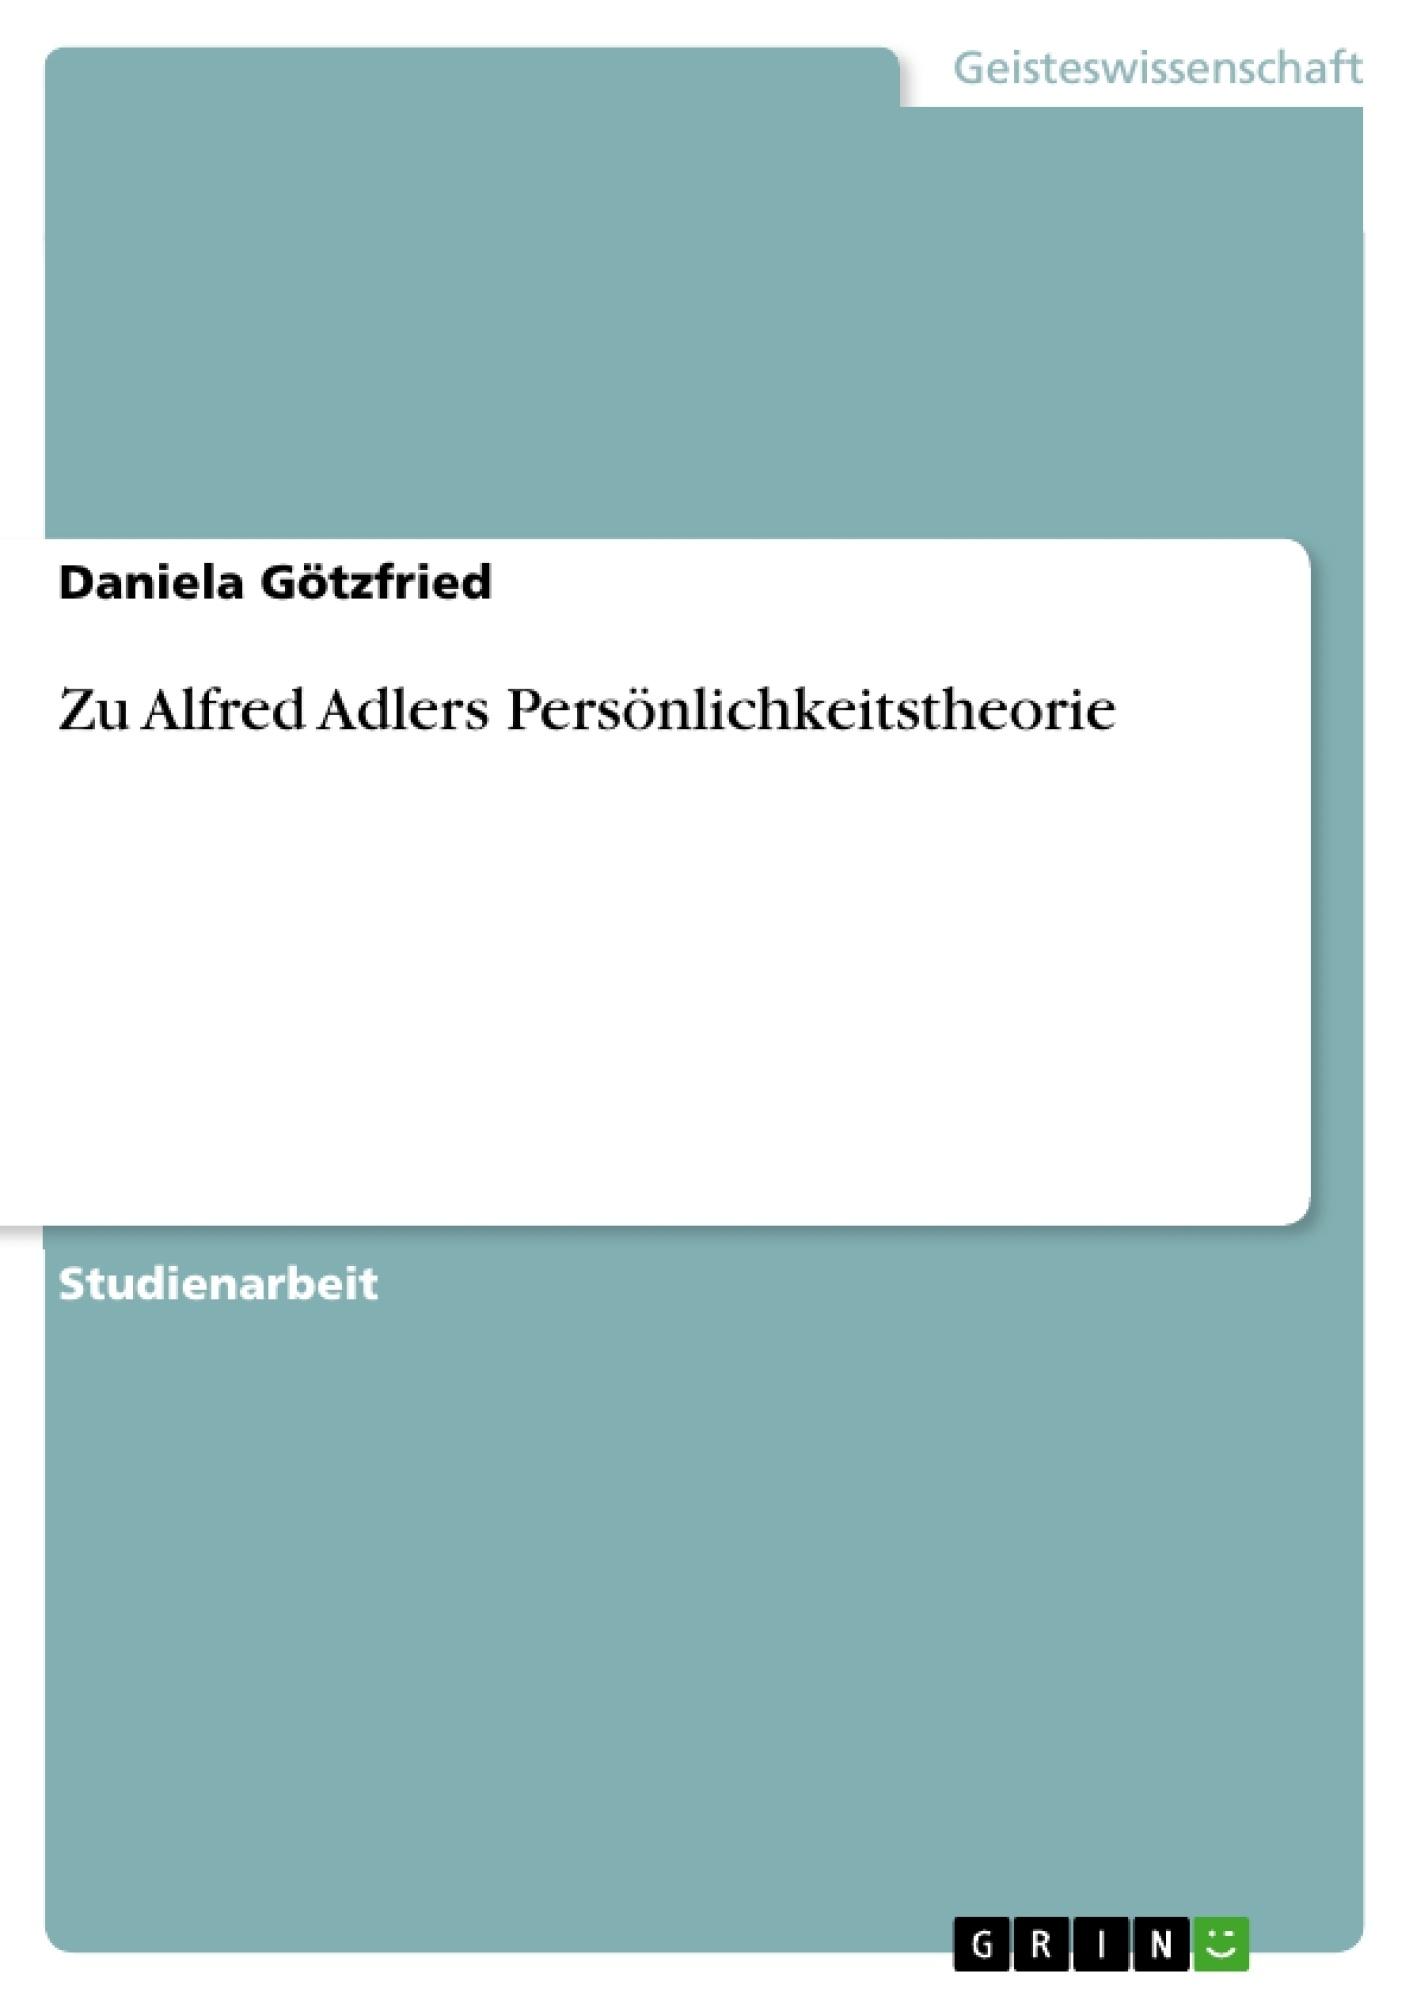 Titel: Zu Alfred Adlers Persönlichkeitstheorie